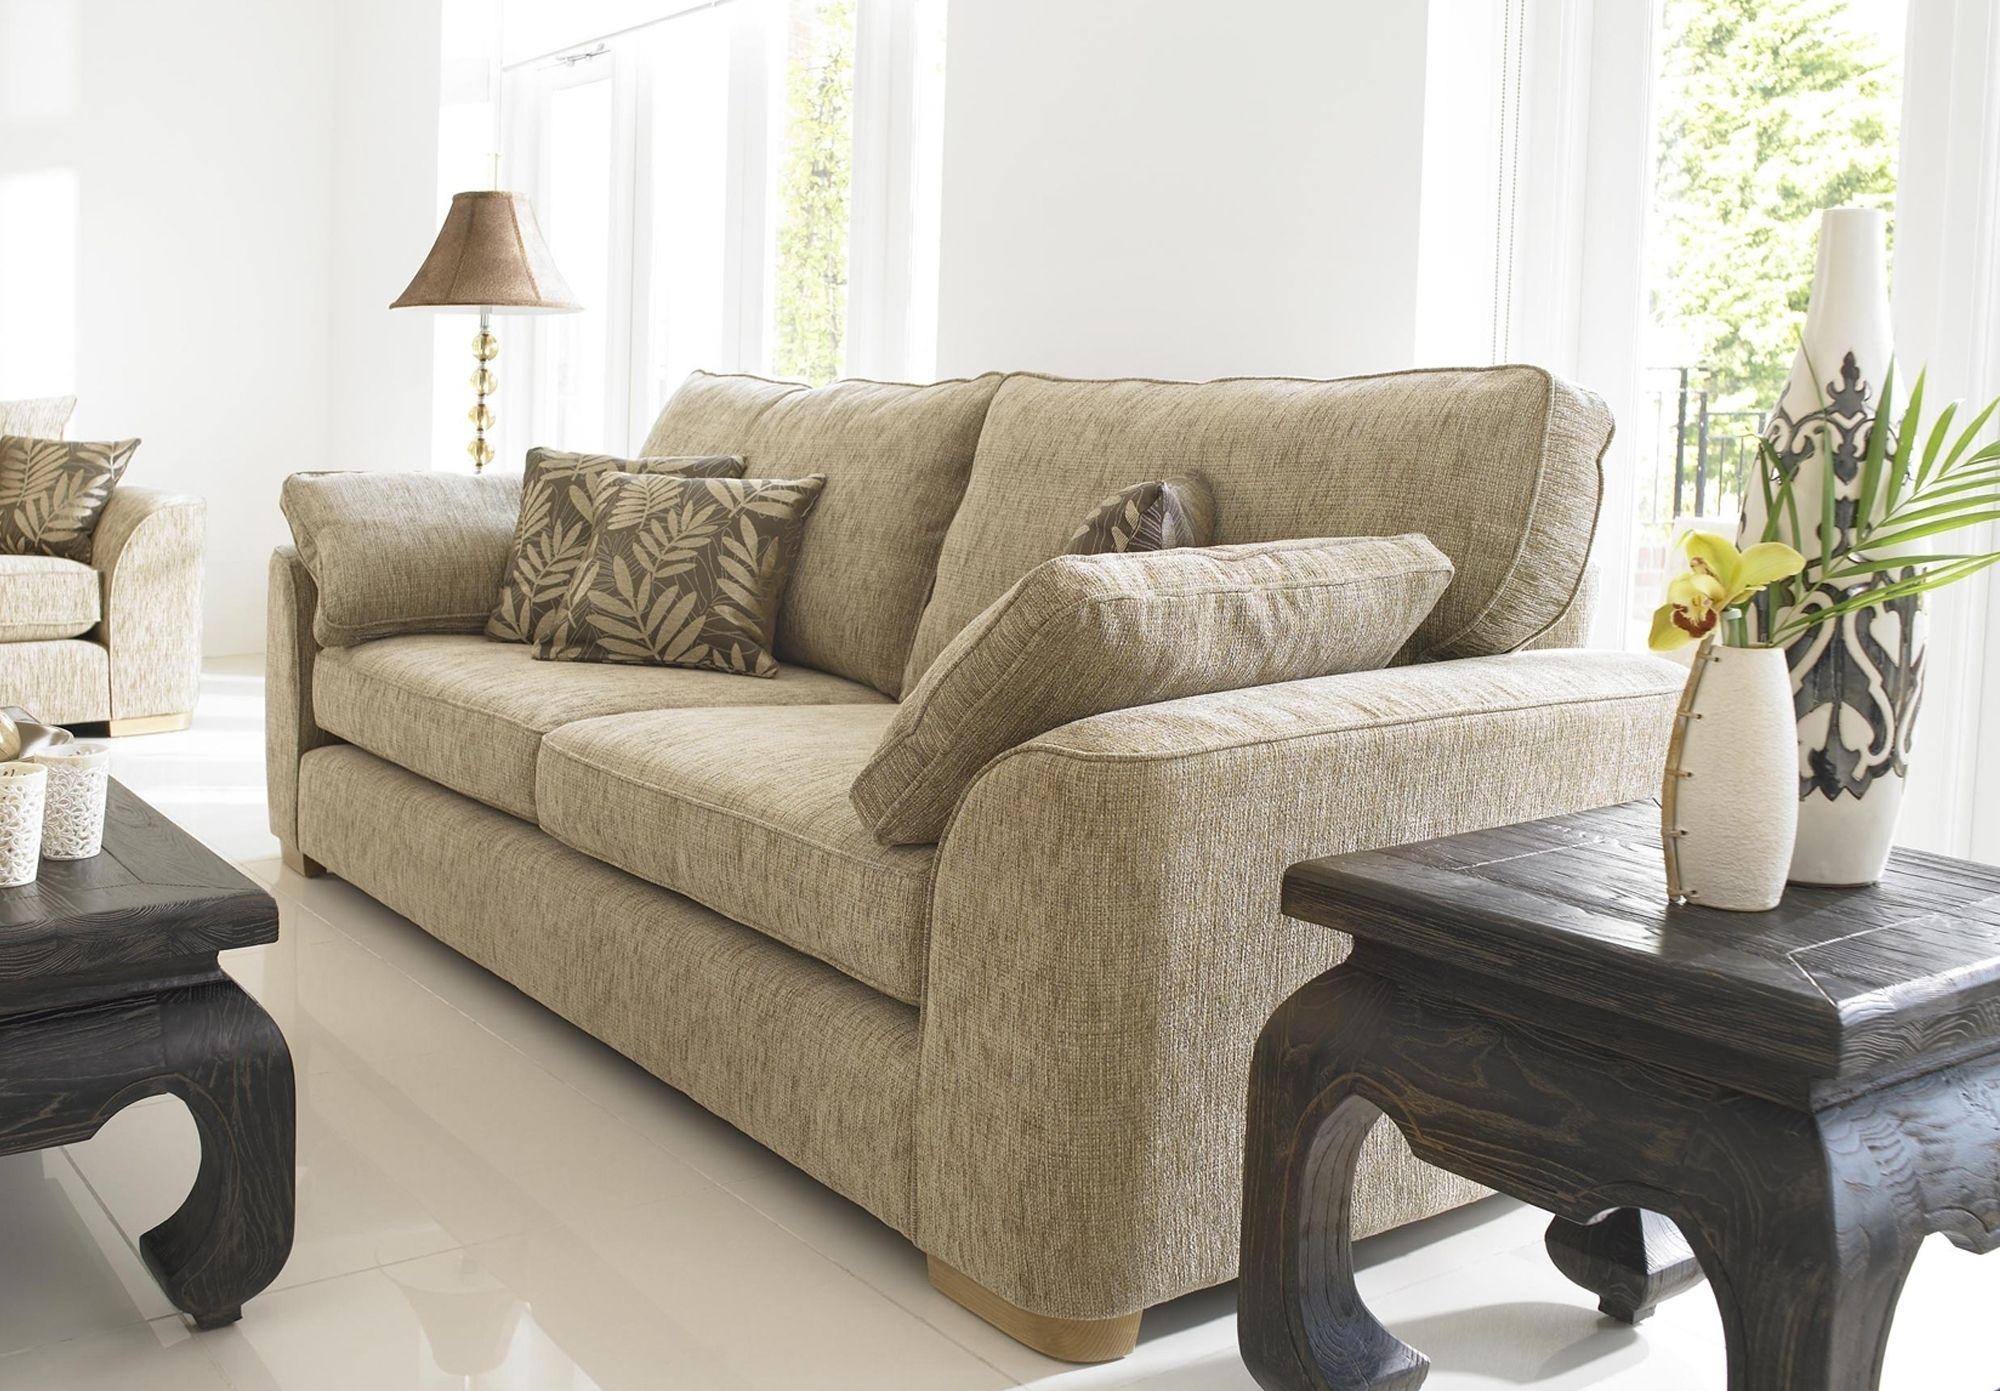 Furniture Village Leather Corner Sofa Bed Tuft 2 Seater Scatter Back Lonsdale Sets